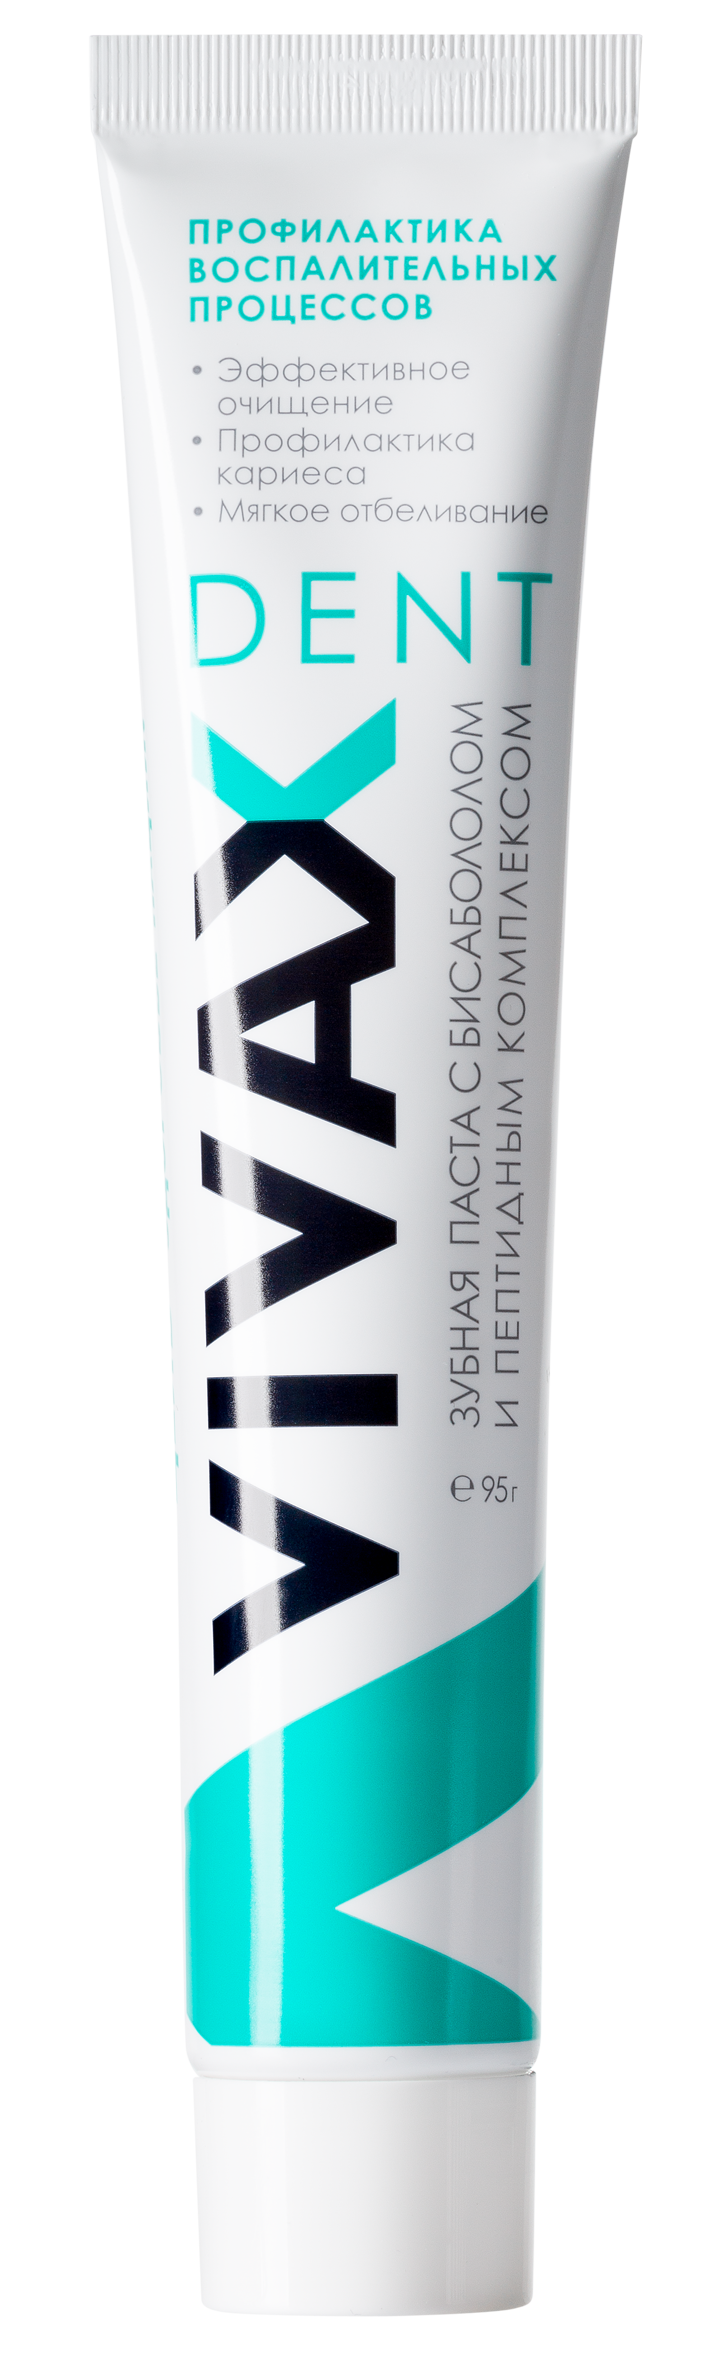 VIVAX Зубная паста с Бисабололом / VIVAX Dent 75млОсобые средства<br>ПРОФИЛАКТИКА. АКТИВНОЕ ОЧИЩЕНИЕ. ОТБЕЛИВАНИЕ ЗУБОВ. Рекомендовано: для эффективного решения проблемы профилактики кариеса, для препятствия образования зубной бляшки и минерализованных над- и поддесневых зубных отложений, для профилактики и в составе комплексного лечения всех форм гингивита, пародонтита и стоматита. Сочетанное воздействие пептидов тимуса (АК-1 Синтетический аналог тималина), пептидов сосудов (АК-7) и Бисаболола, придает зубной пасте выраженный противовоспалительный эффект. Под воздействием пептидов тимуса &amp;laquo;VIVAX&amp;raquo; стимулирует местный иммунитет полости рта, оказывает антиоксидантное и антистрессорное действие. Входящие в состав пасты пирофосфаты препятствуют фиксации микроорганизмов на поверхности зубов. Пептиды сосудов значительно ускоряют регенерацию и заживление слизистой оболочки полости рта и ткани десны, нормализуют обменные процессы и микроциркуляцию крови в тканях пародонта. Бисаболол оказывает успокаивающее действие. Входящие в состав пасты аморфные силикаты активно способствуют очищению полости рта и удалению зубного камня. &amp;laquo;VIVAX&amp;raquo; мягко отбеливает зубы, снижая пигментацию эмали и сглаживая микротрещины эмали. Нейтрализует кислоту, образующуюся после приема пищи. Обладает приятным вкусом и освежает дыхание. Состав: вода очищенная, сорбитол, гидратированный диоксид кремния, натрия пирофосфат, натрия лаурилсульфат, ароматическая добавка, 1,3 бутиленгликоль, диоксид титана, метилпарабен, пропилпарабен, этилпарабен, аспартам, сахарин, Бисаболол, пептидные комплексы АК-1 и АК-7. Способ применения: Небольшое количество зубной пасты нанести на мягкую зубную щетку. Чистить зубы круговыми движениями, одновременно аккуратно массируя десны. Полость рта ополоснуть небольшим количеством воды, задерживая ее на 20-30 секунд.<br><br>Тип: Зубная паста